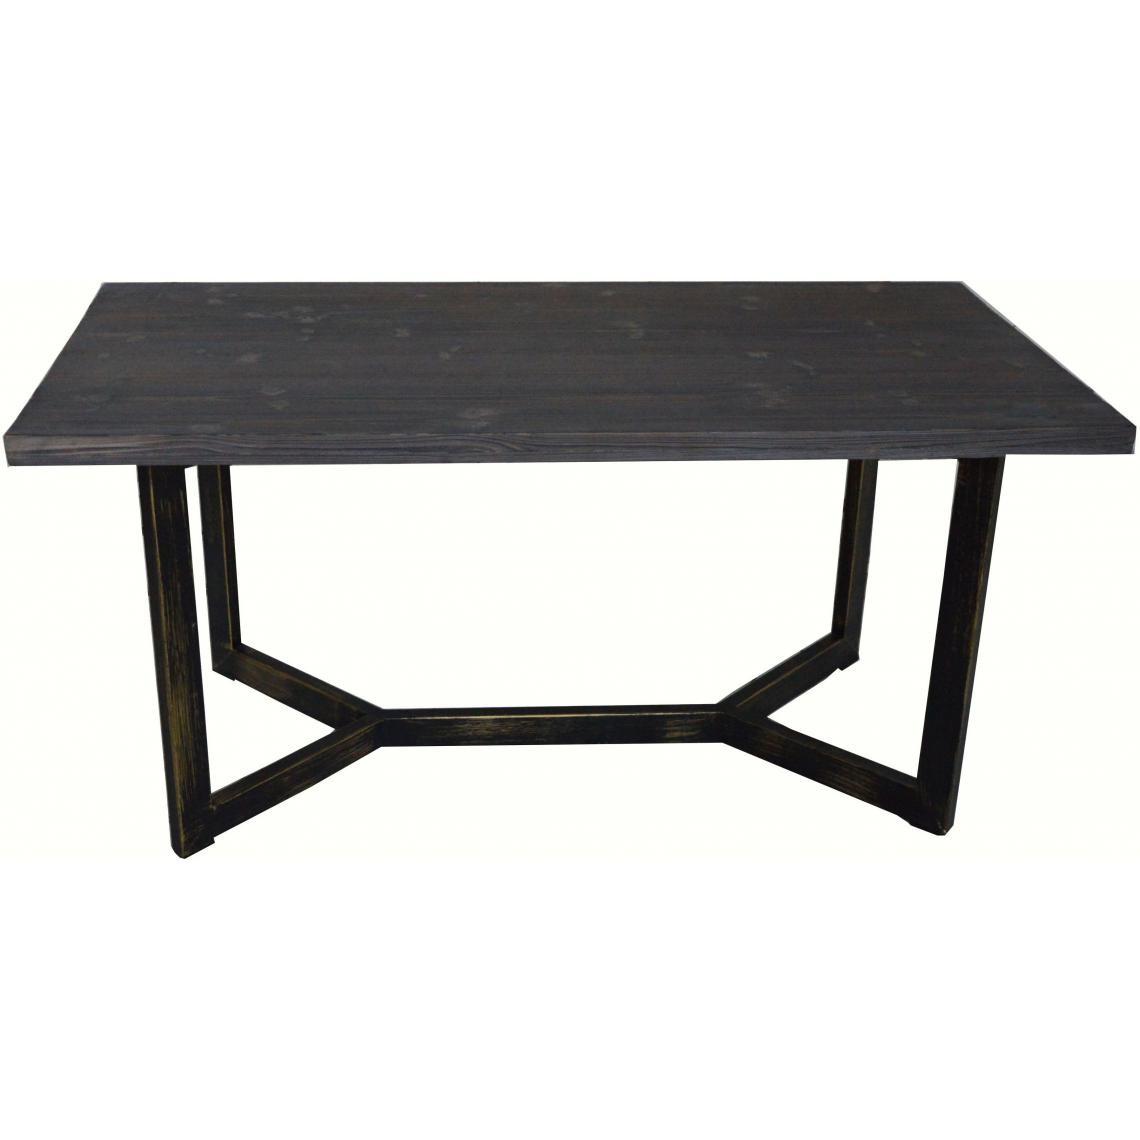 Table basse rectangulaire en métal et bois PALINO  7 SUISSES